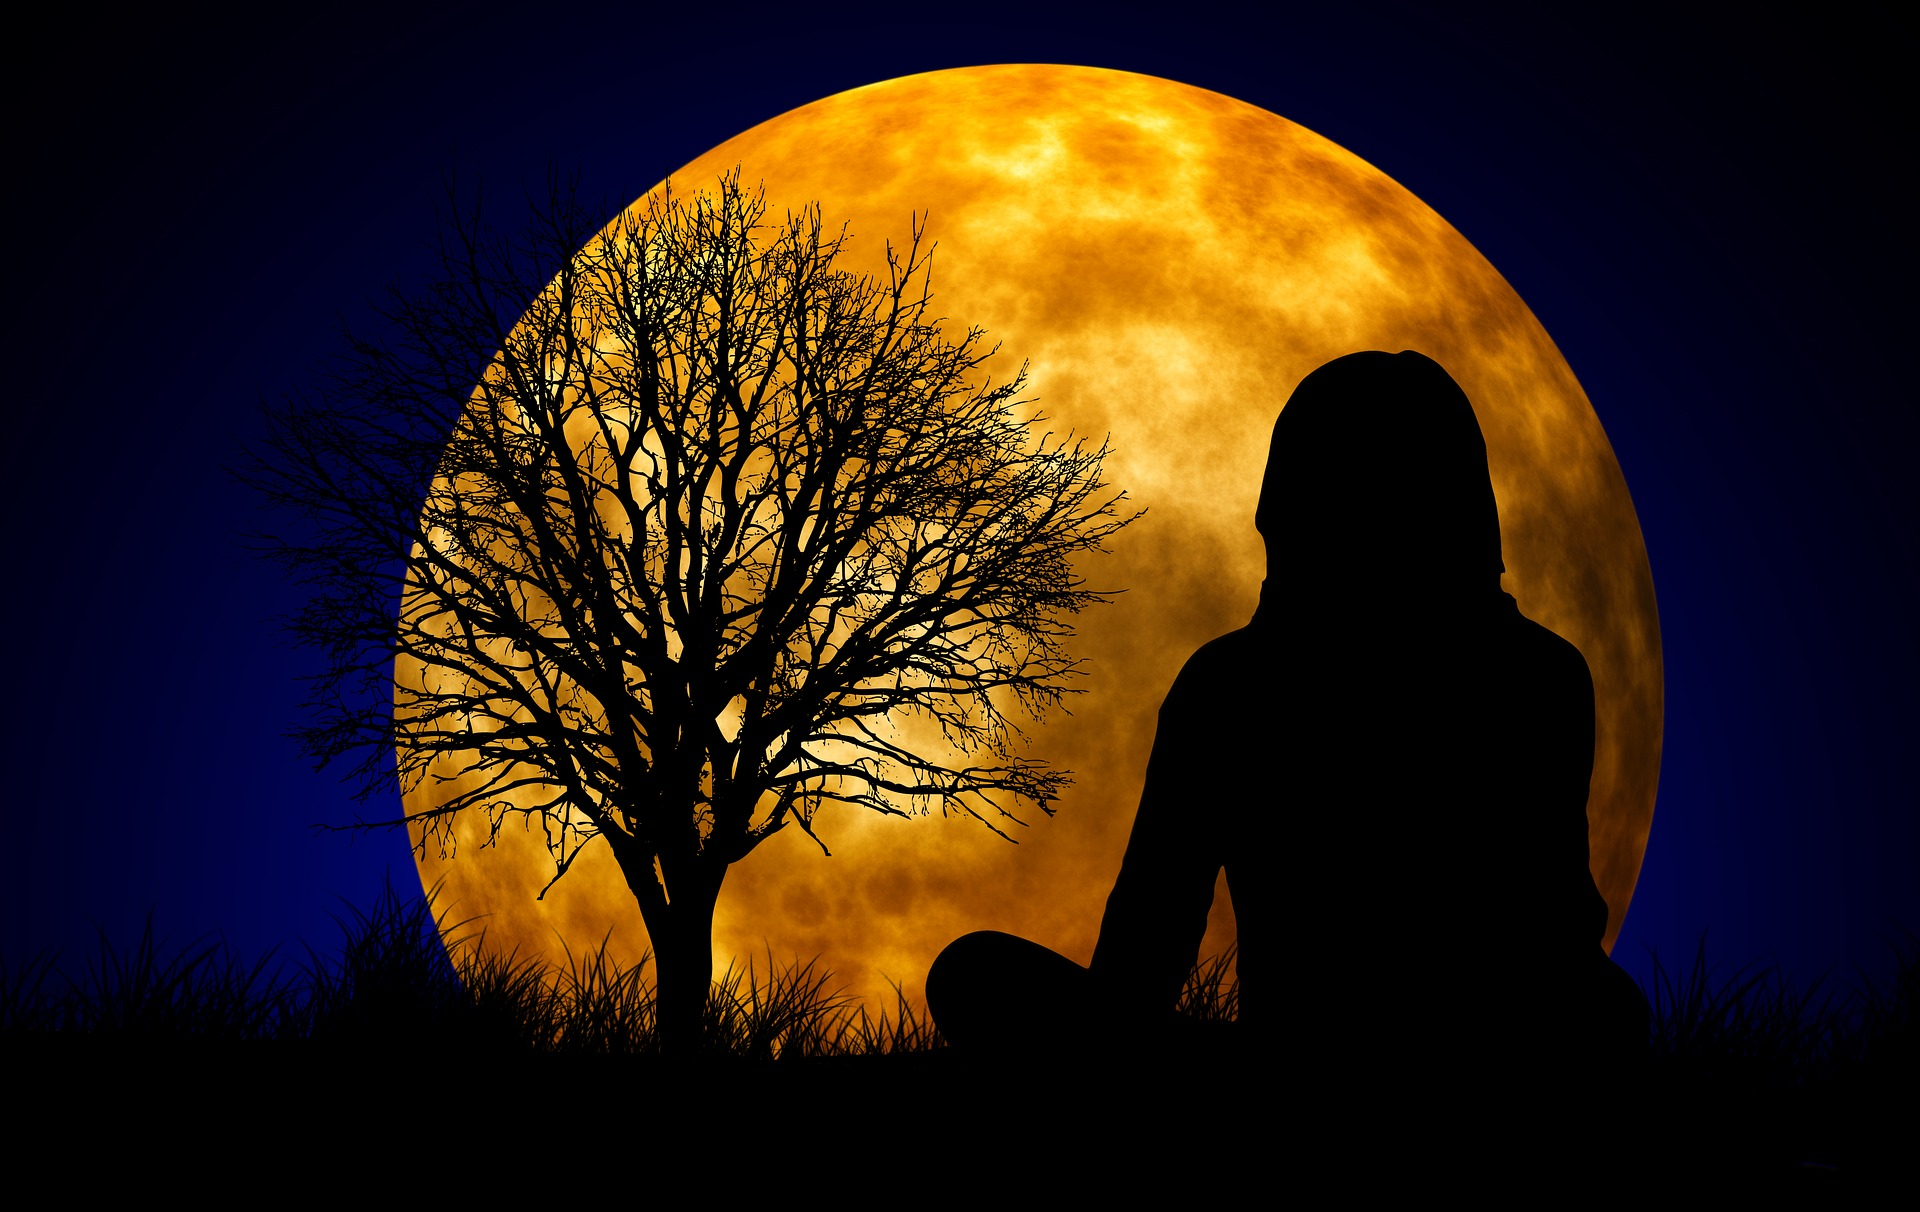 Un arbre peut inspirer la sérénité et nous permettre de remettre de l'ordre dans notre vie et ...nos intestins